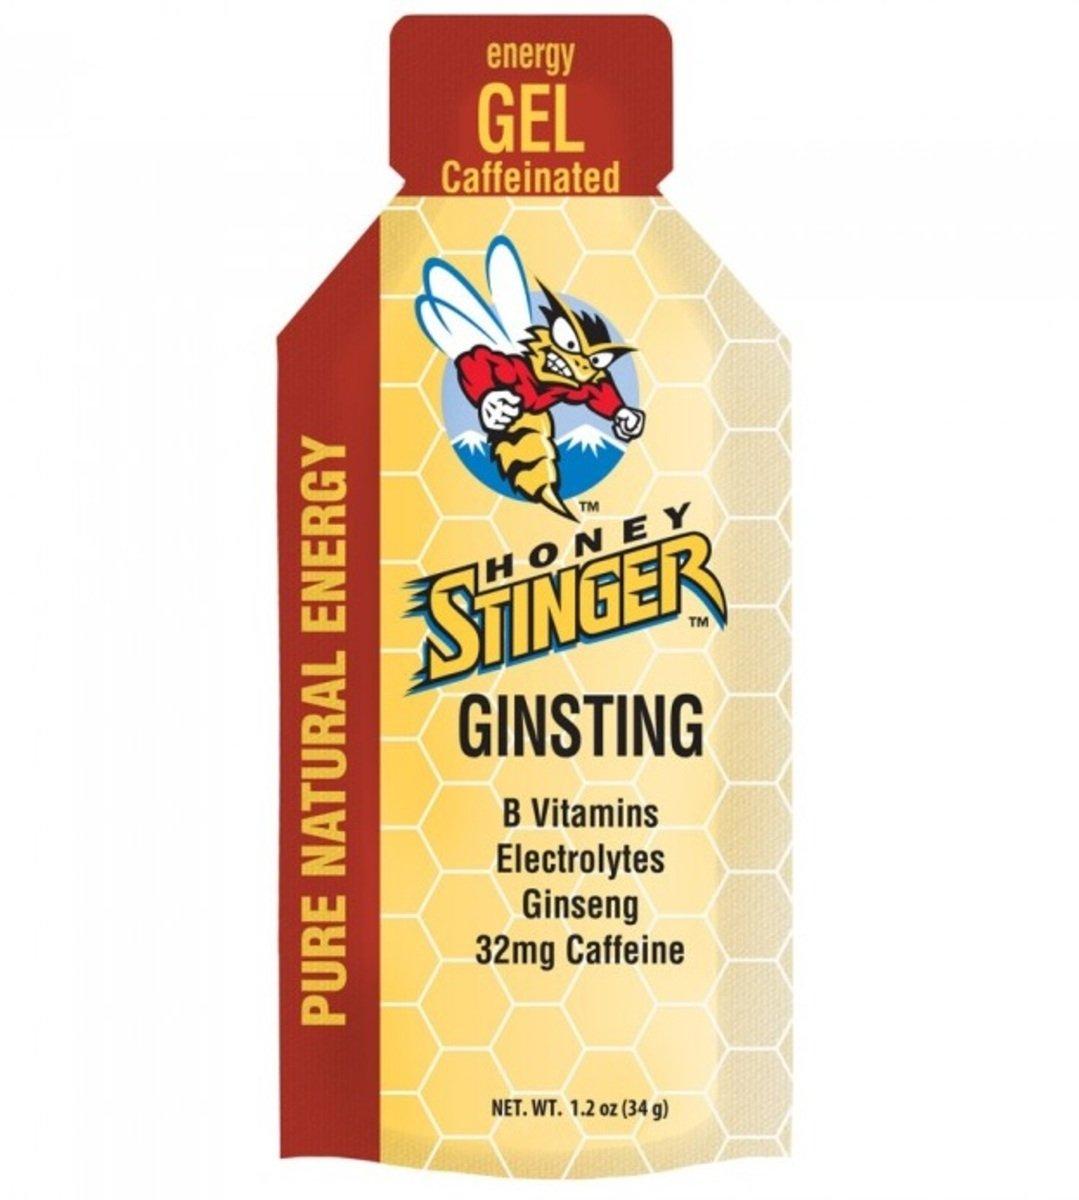 美國蜂蜜能量食品 -  Engery Gel 24 Ginsting Caff. - 6小包